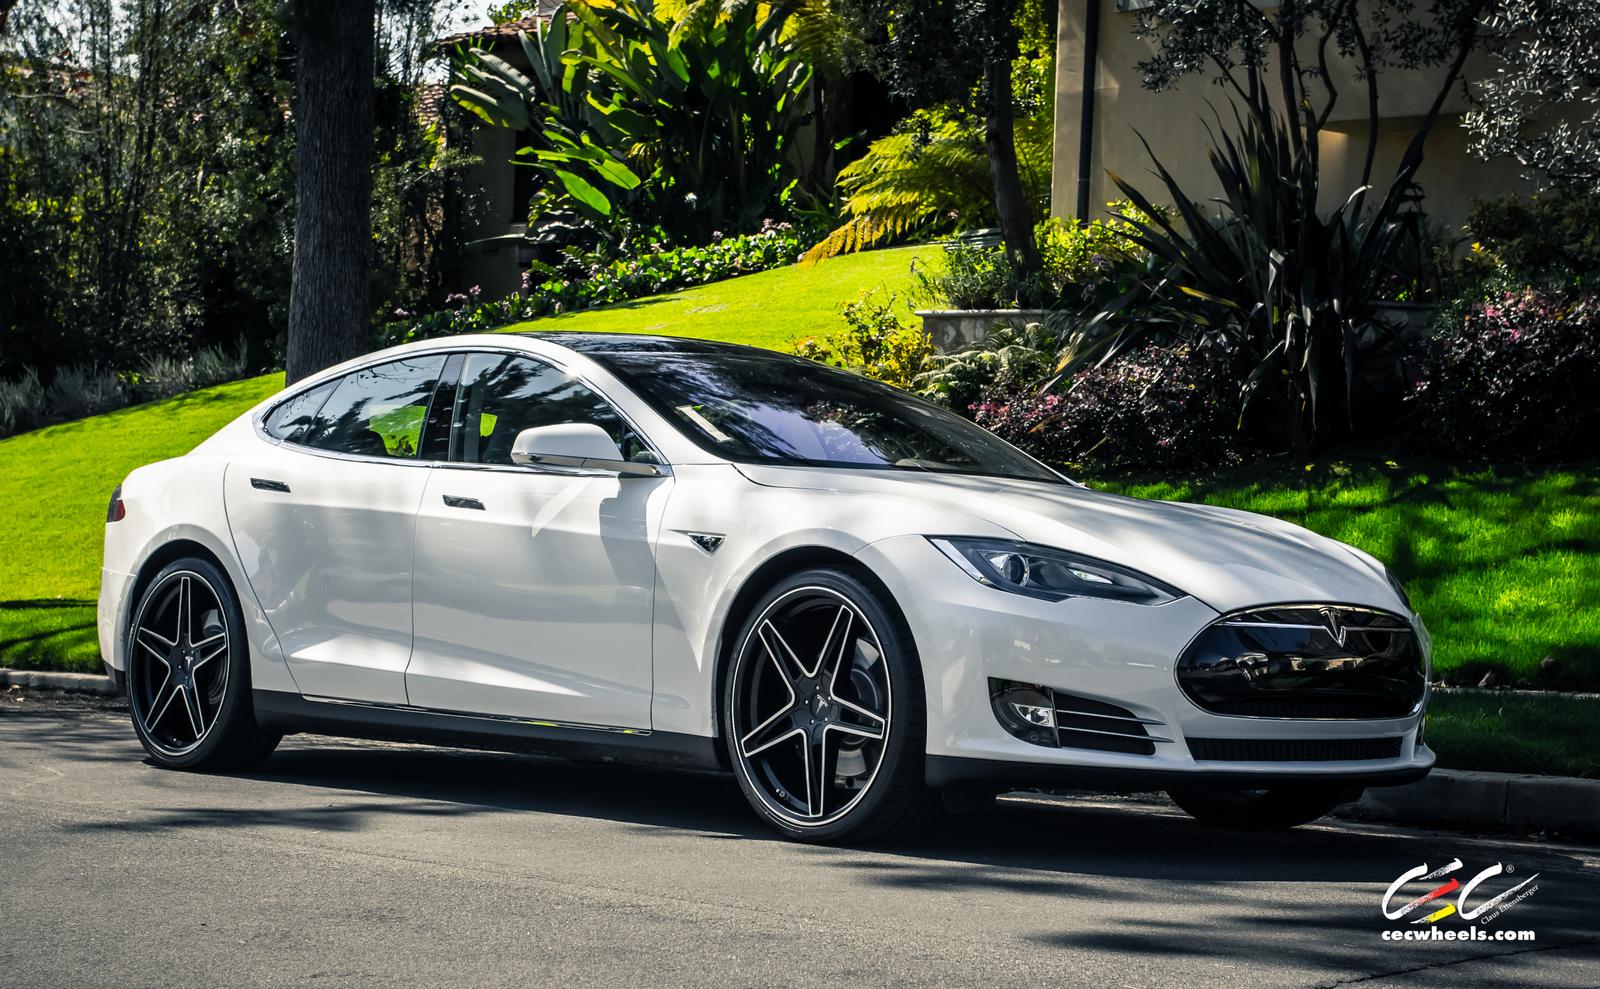 Tesla-Model-S-22-inch-CEC-wheels